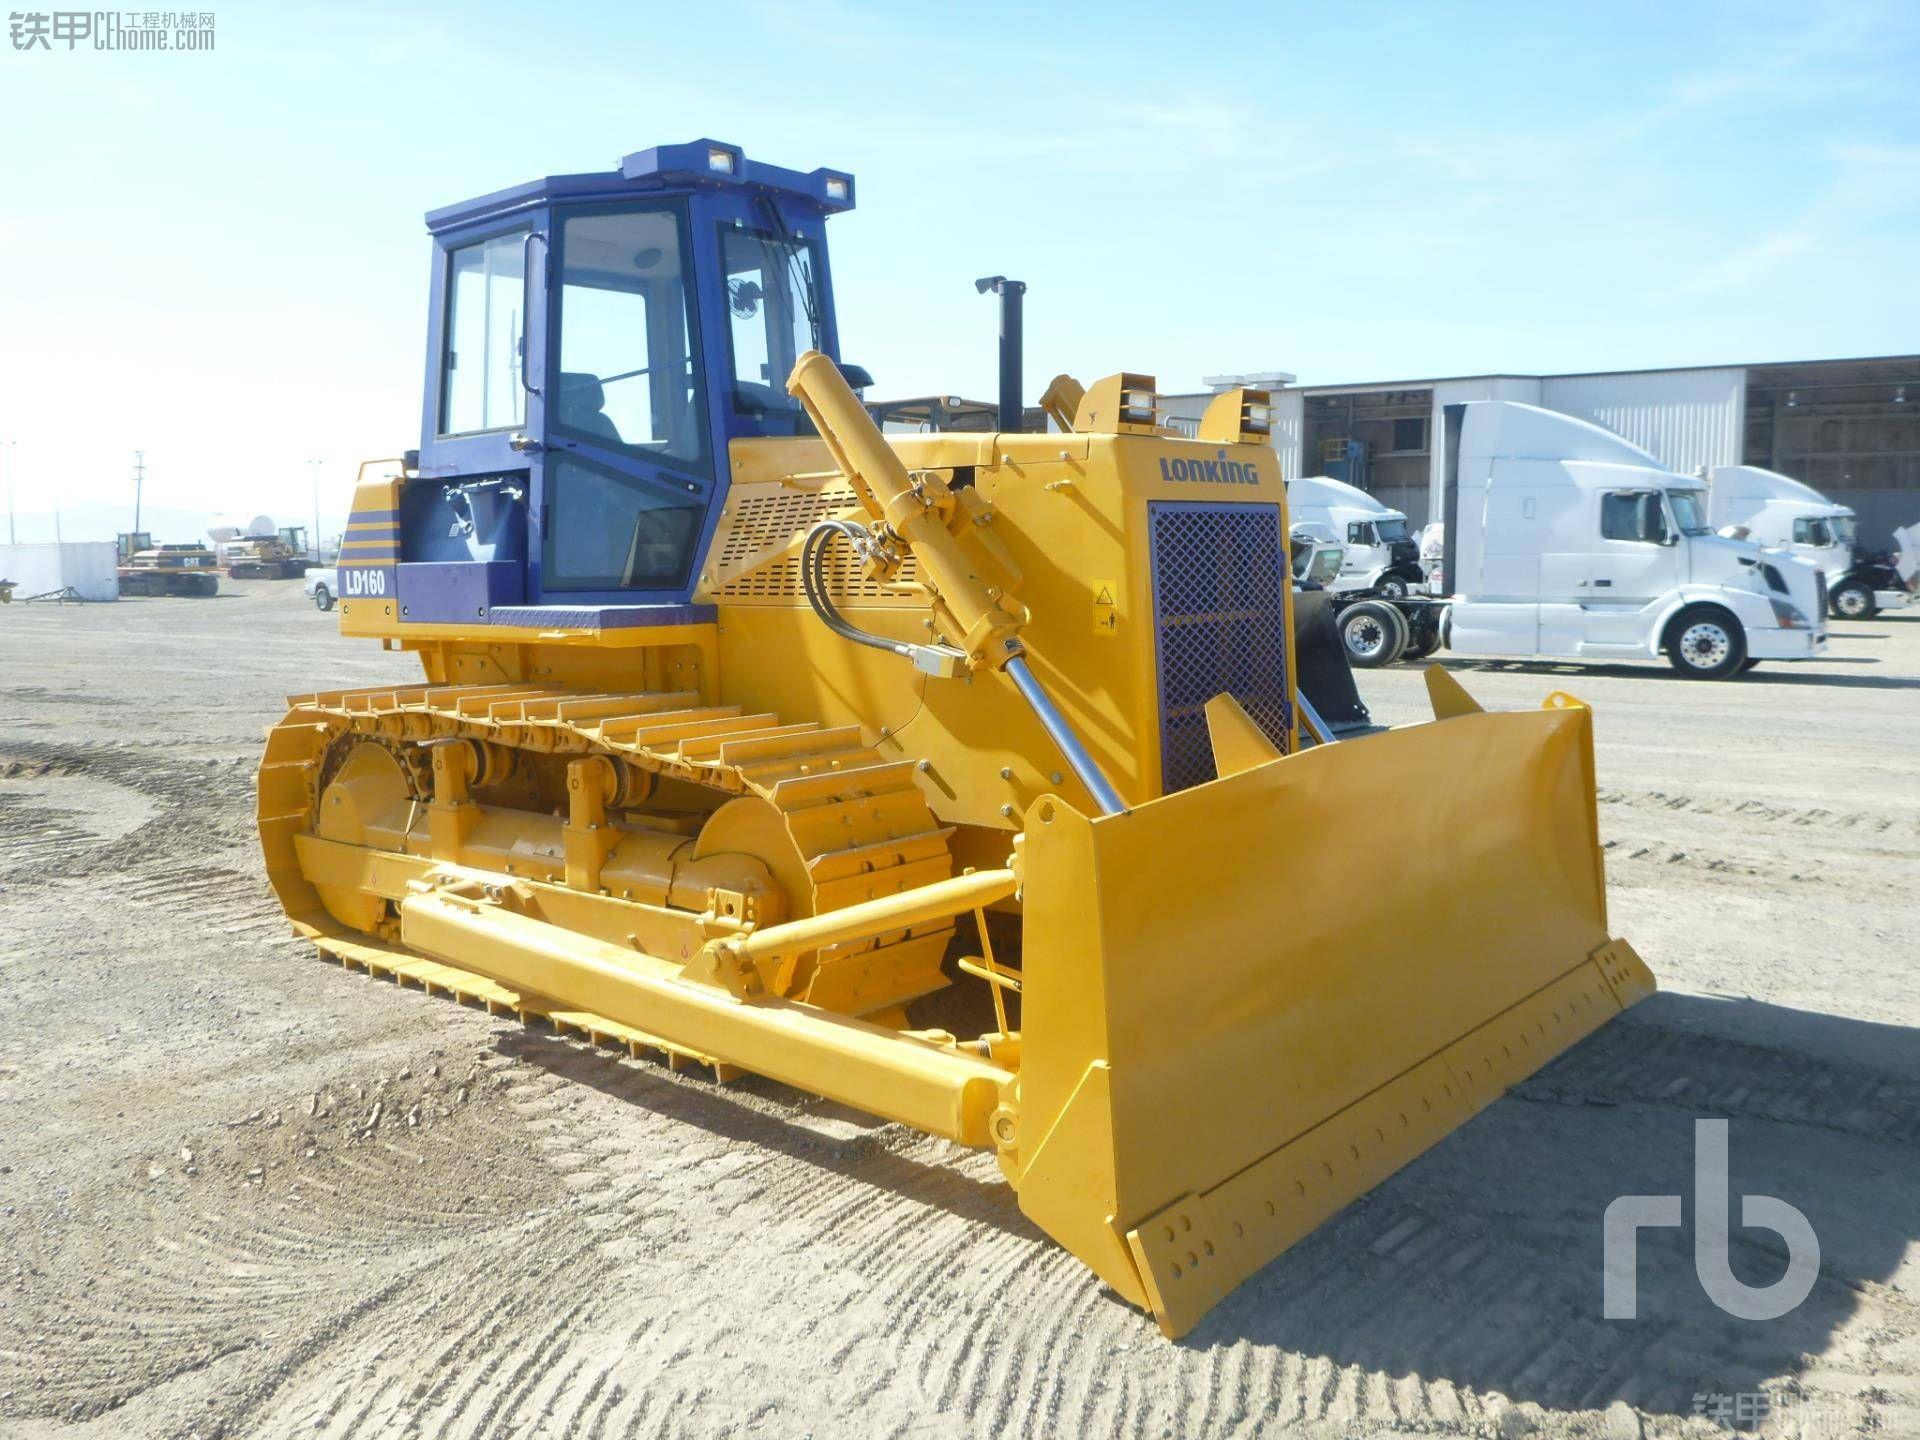 龙工LD160在美国拍价25万RMB